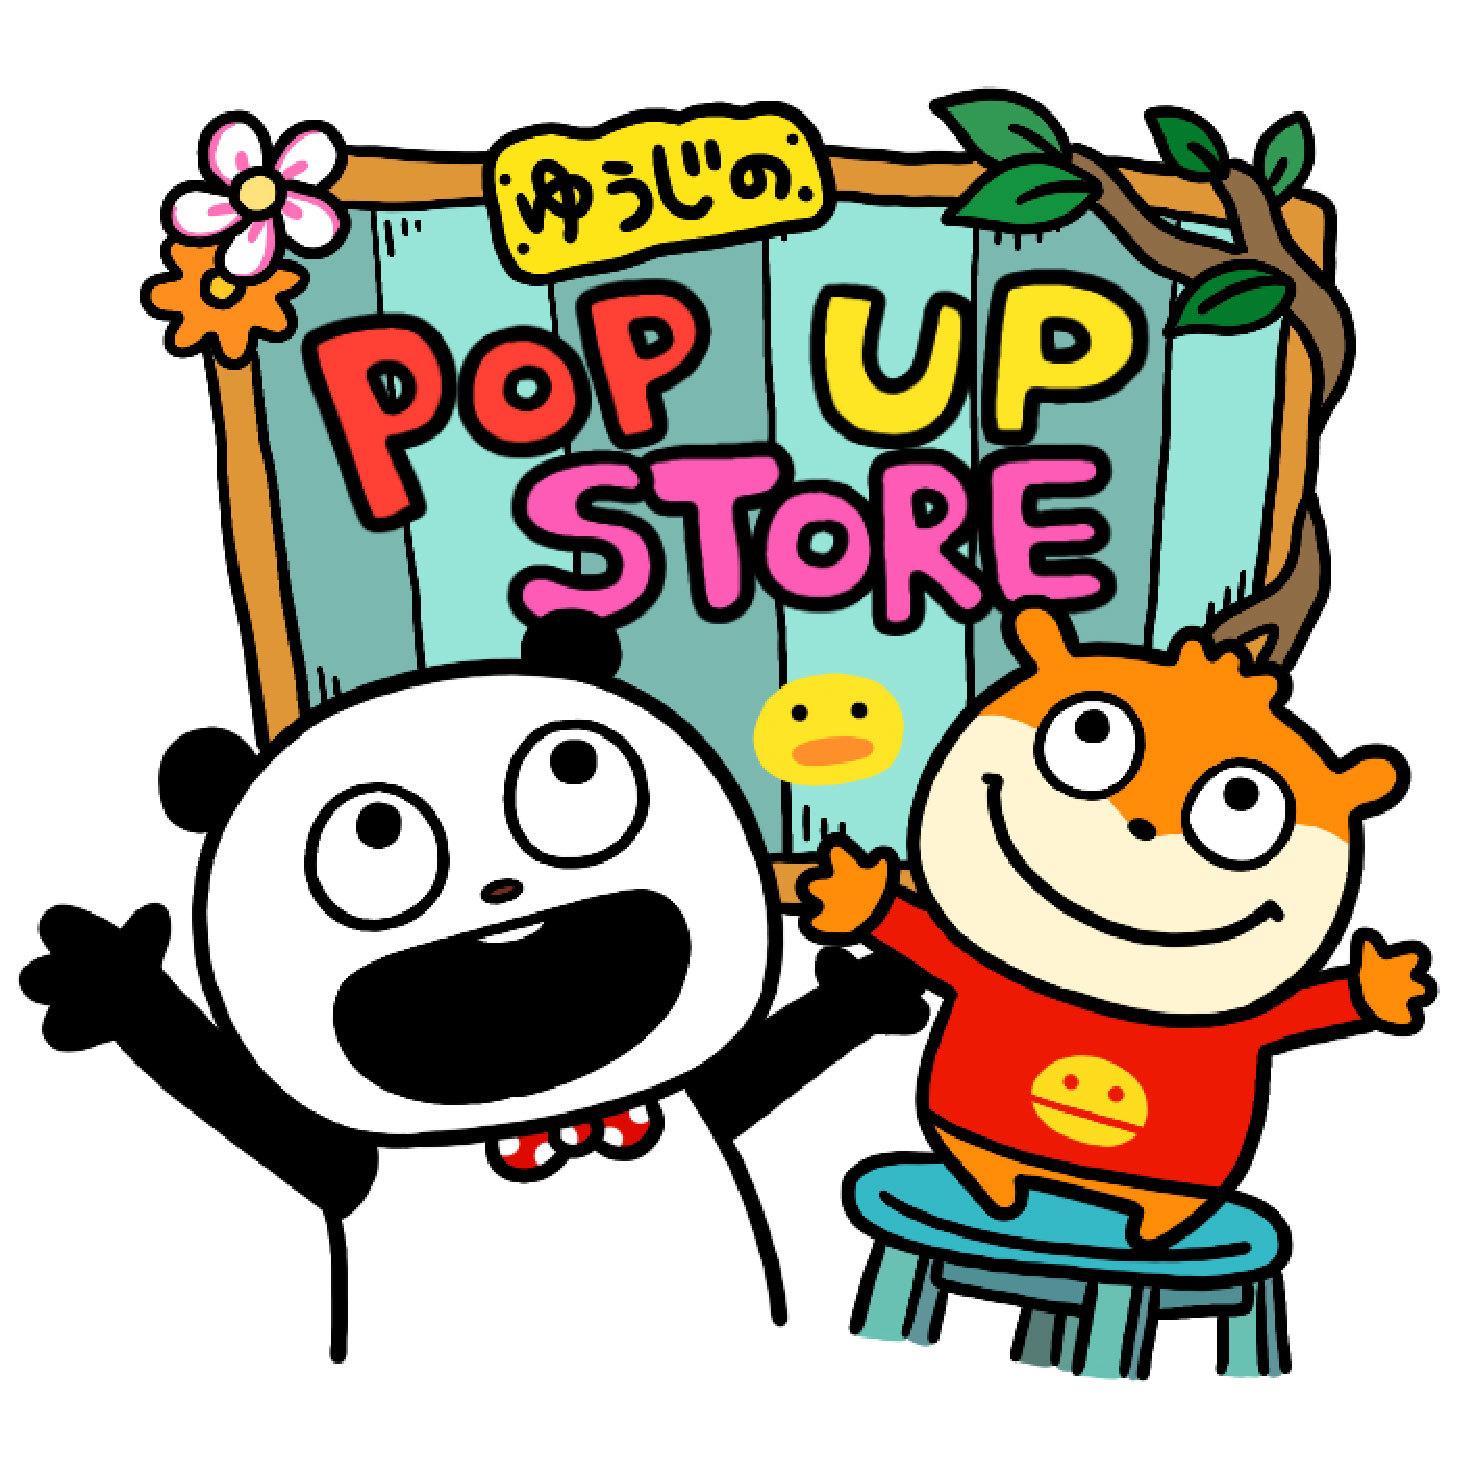 【予告】にしむらゆうじ POP UP STORE @新宿マルイアネックス_f0010033_13191141.jpg